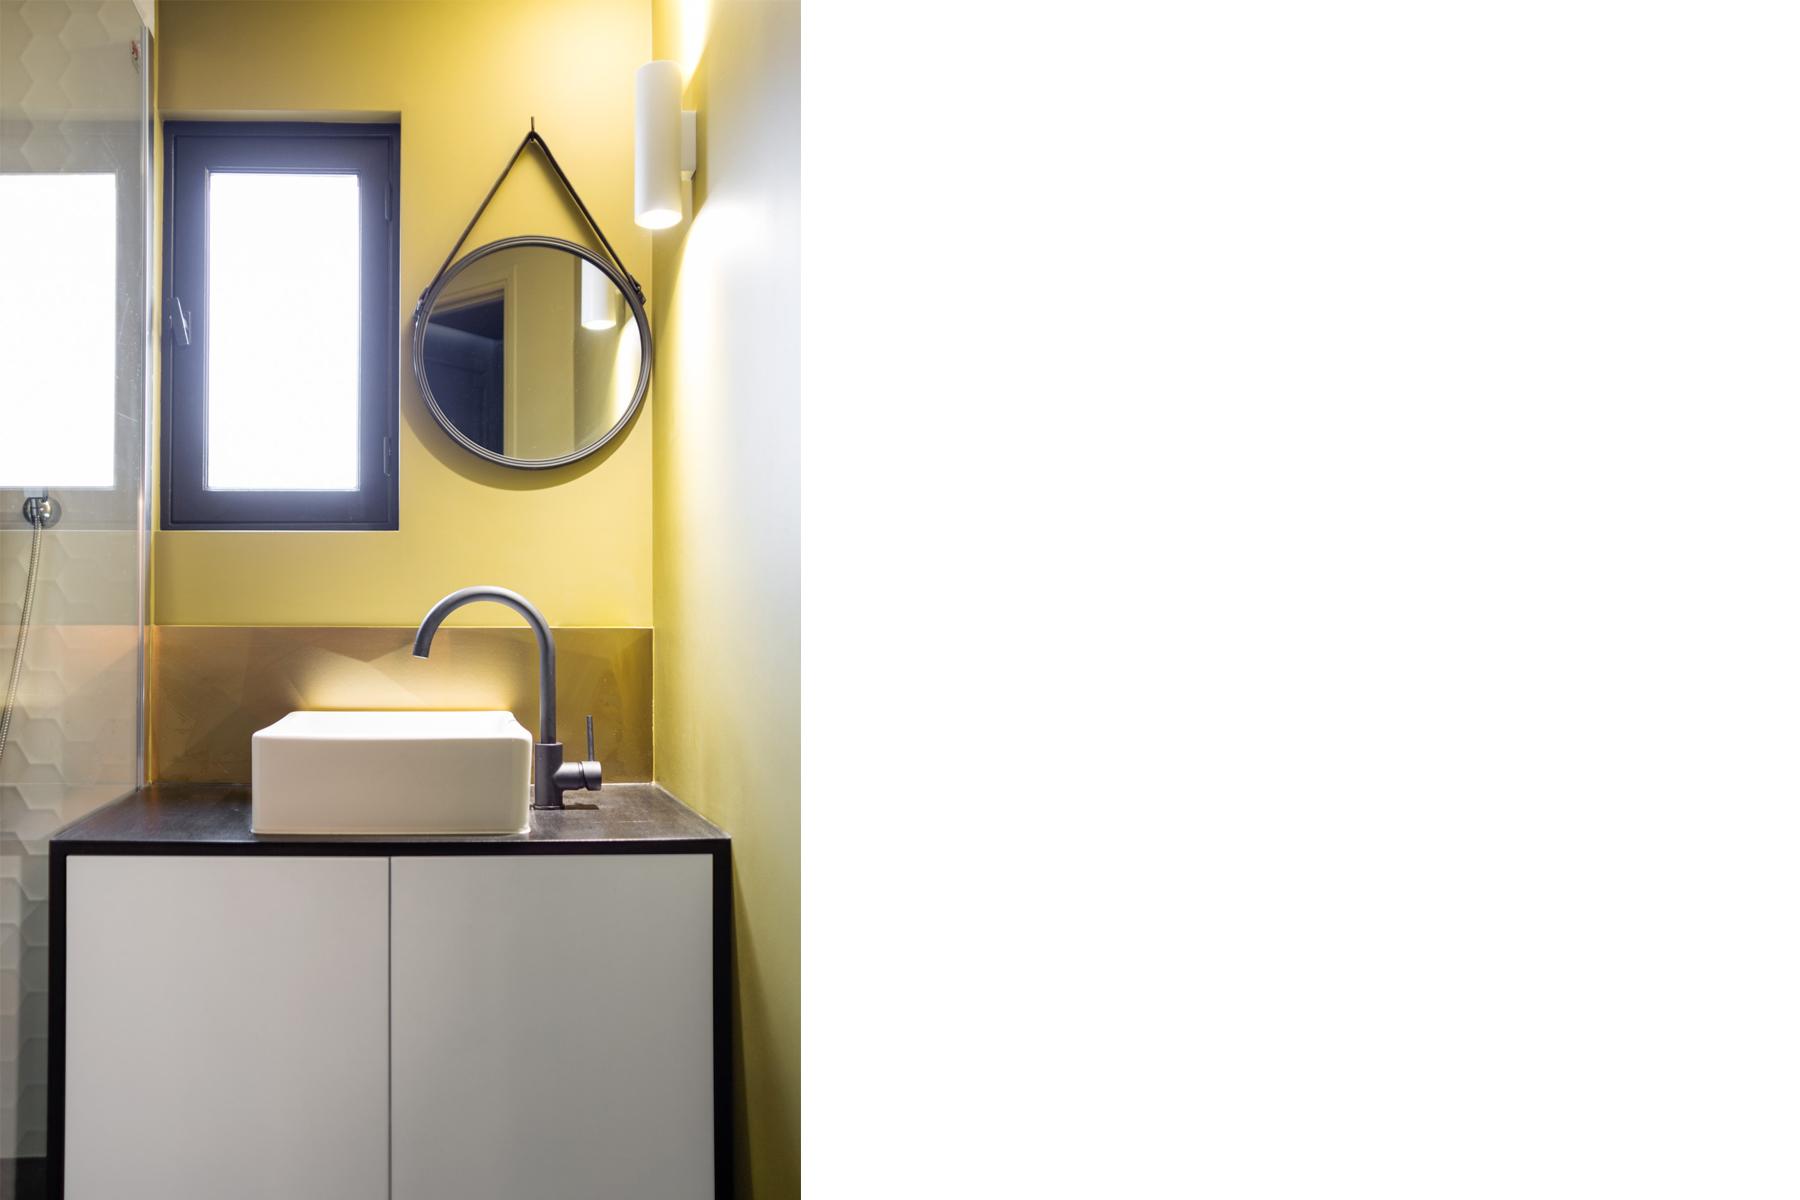 ban architecture renovation appartement paris interieur haussmannien combles comble or laiton grands boulevards 100